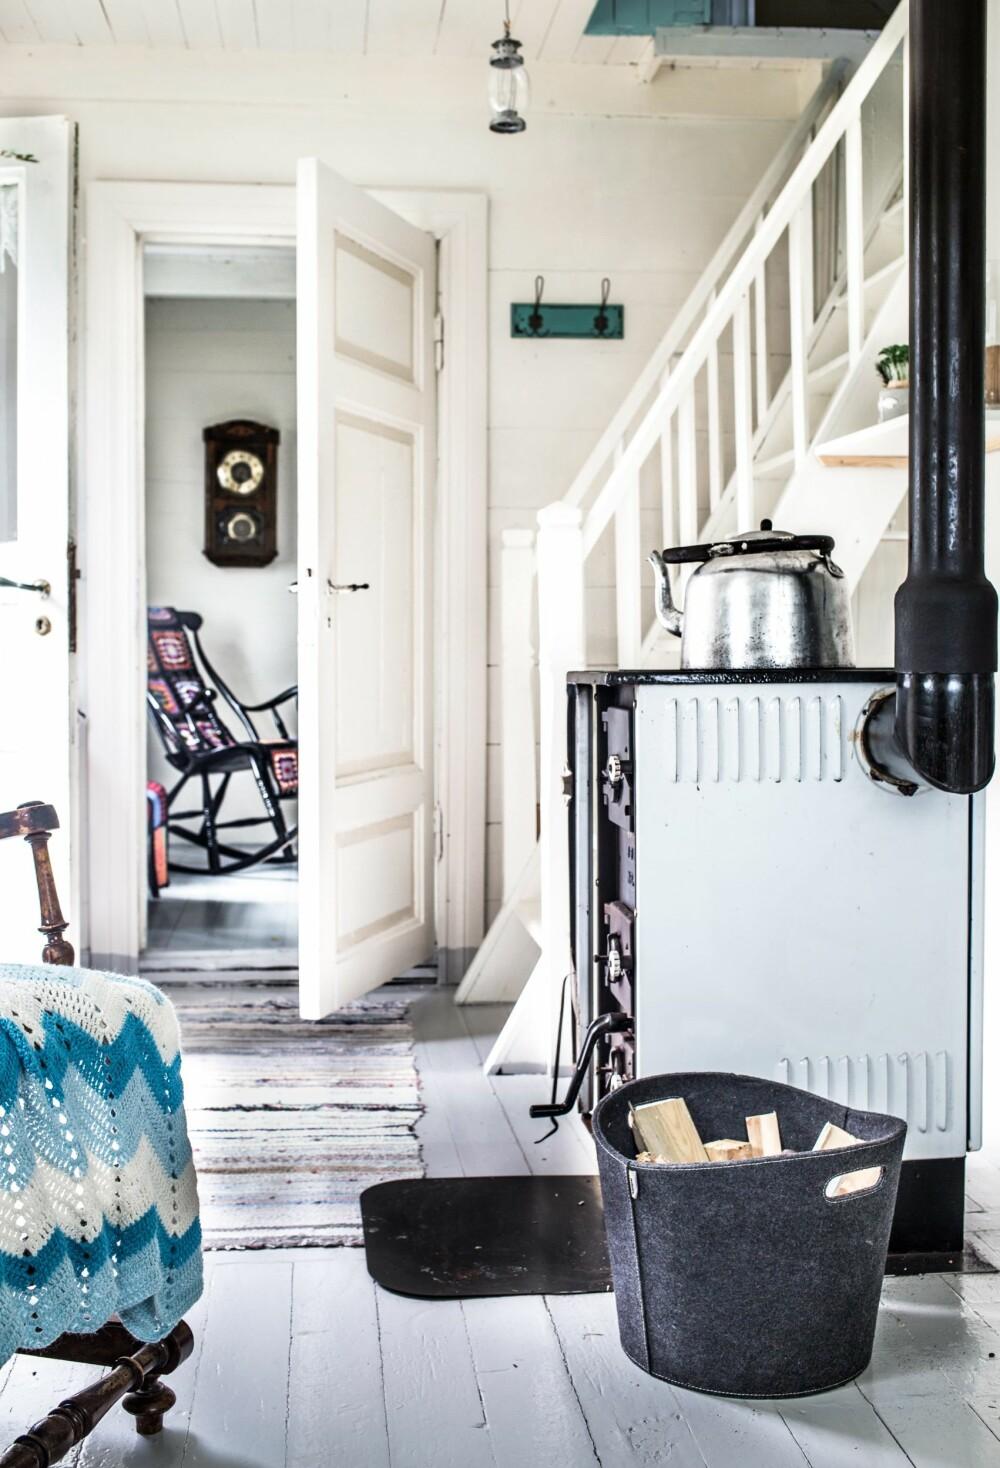 HØRER TIL: Den gamle ovnen varmer raskt opp alle rom – ovnsrøret går opp gjennom et soverom og varmer dermed opp loftet også.